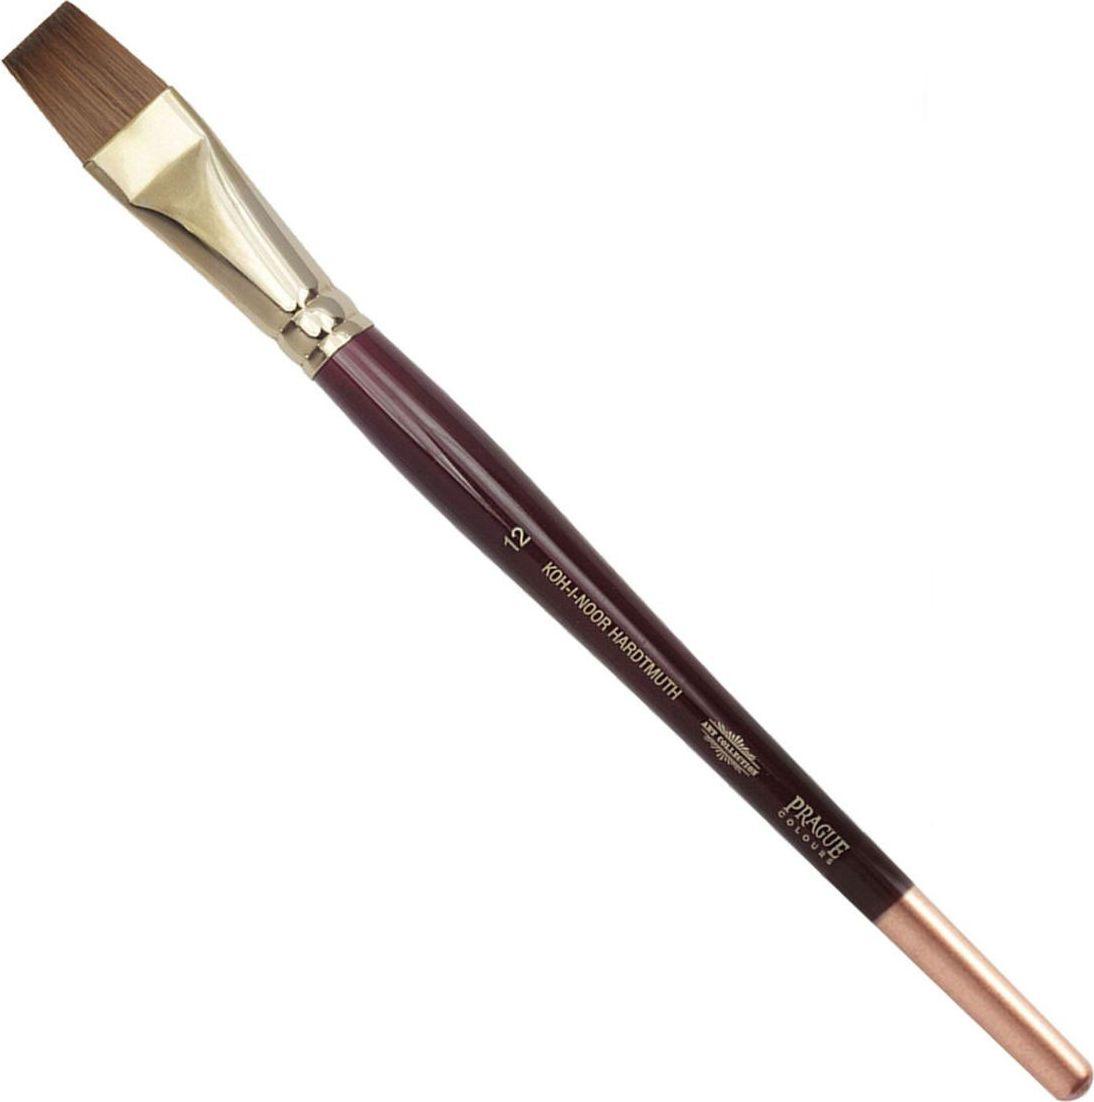 Koh-I-Noor Кисть колонок плоская №12 короткая ручка -  Кисти